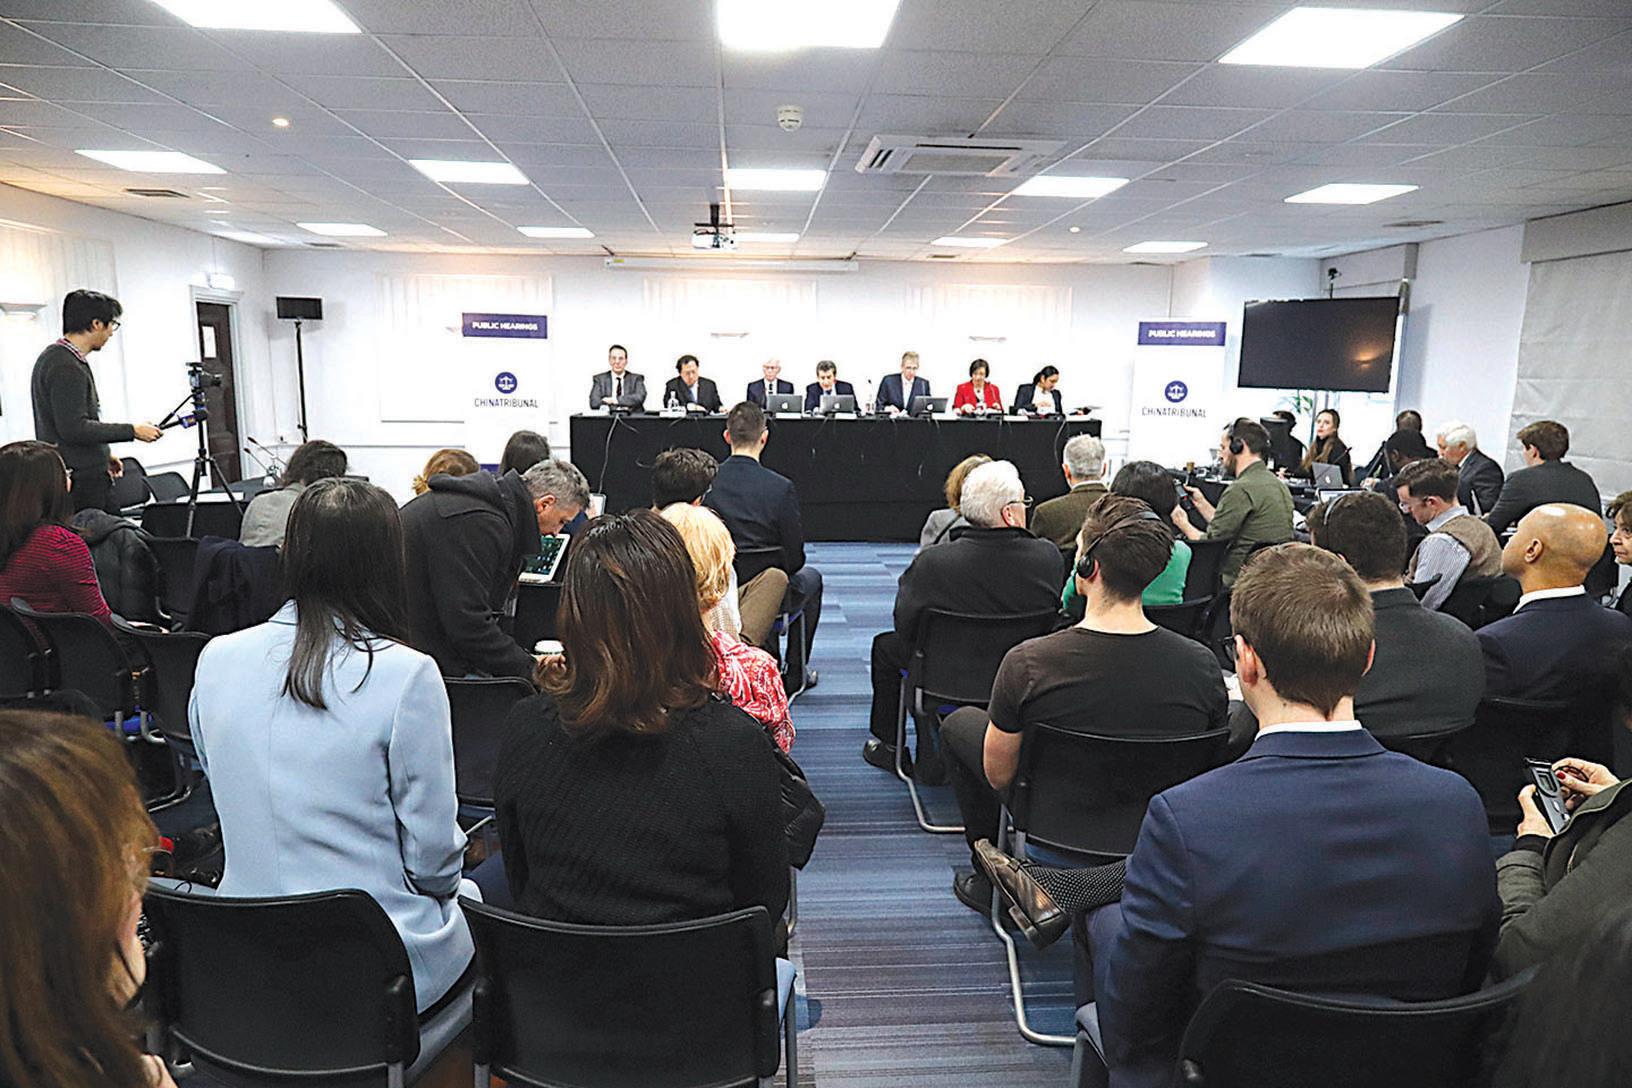 2018 年 12 月 8 日「獨立人民法庭」在倫敦開啟為期三天的聽證會。(Justin Palmer/ 大紀元)